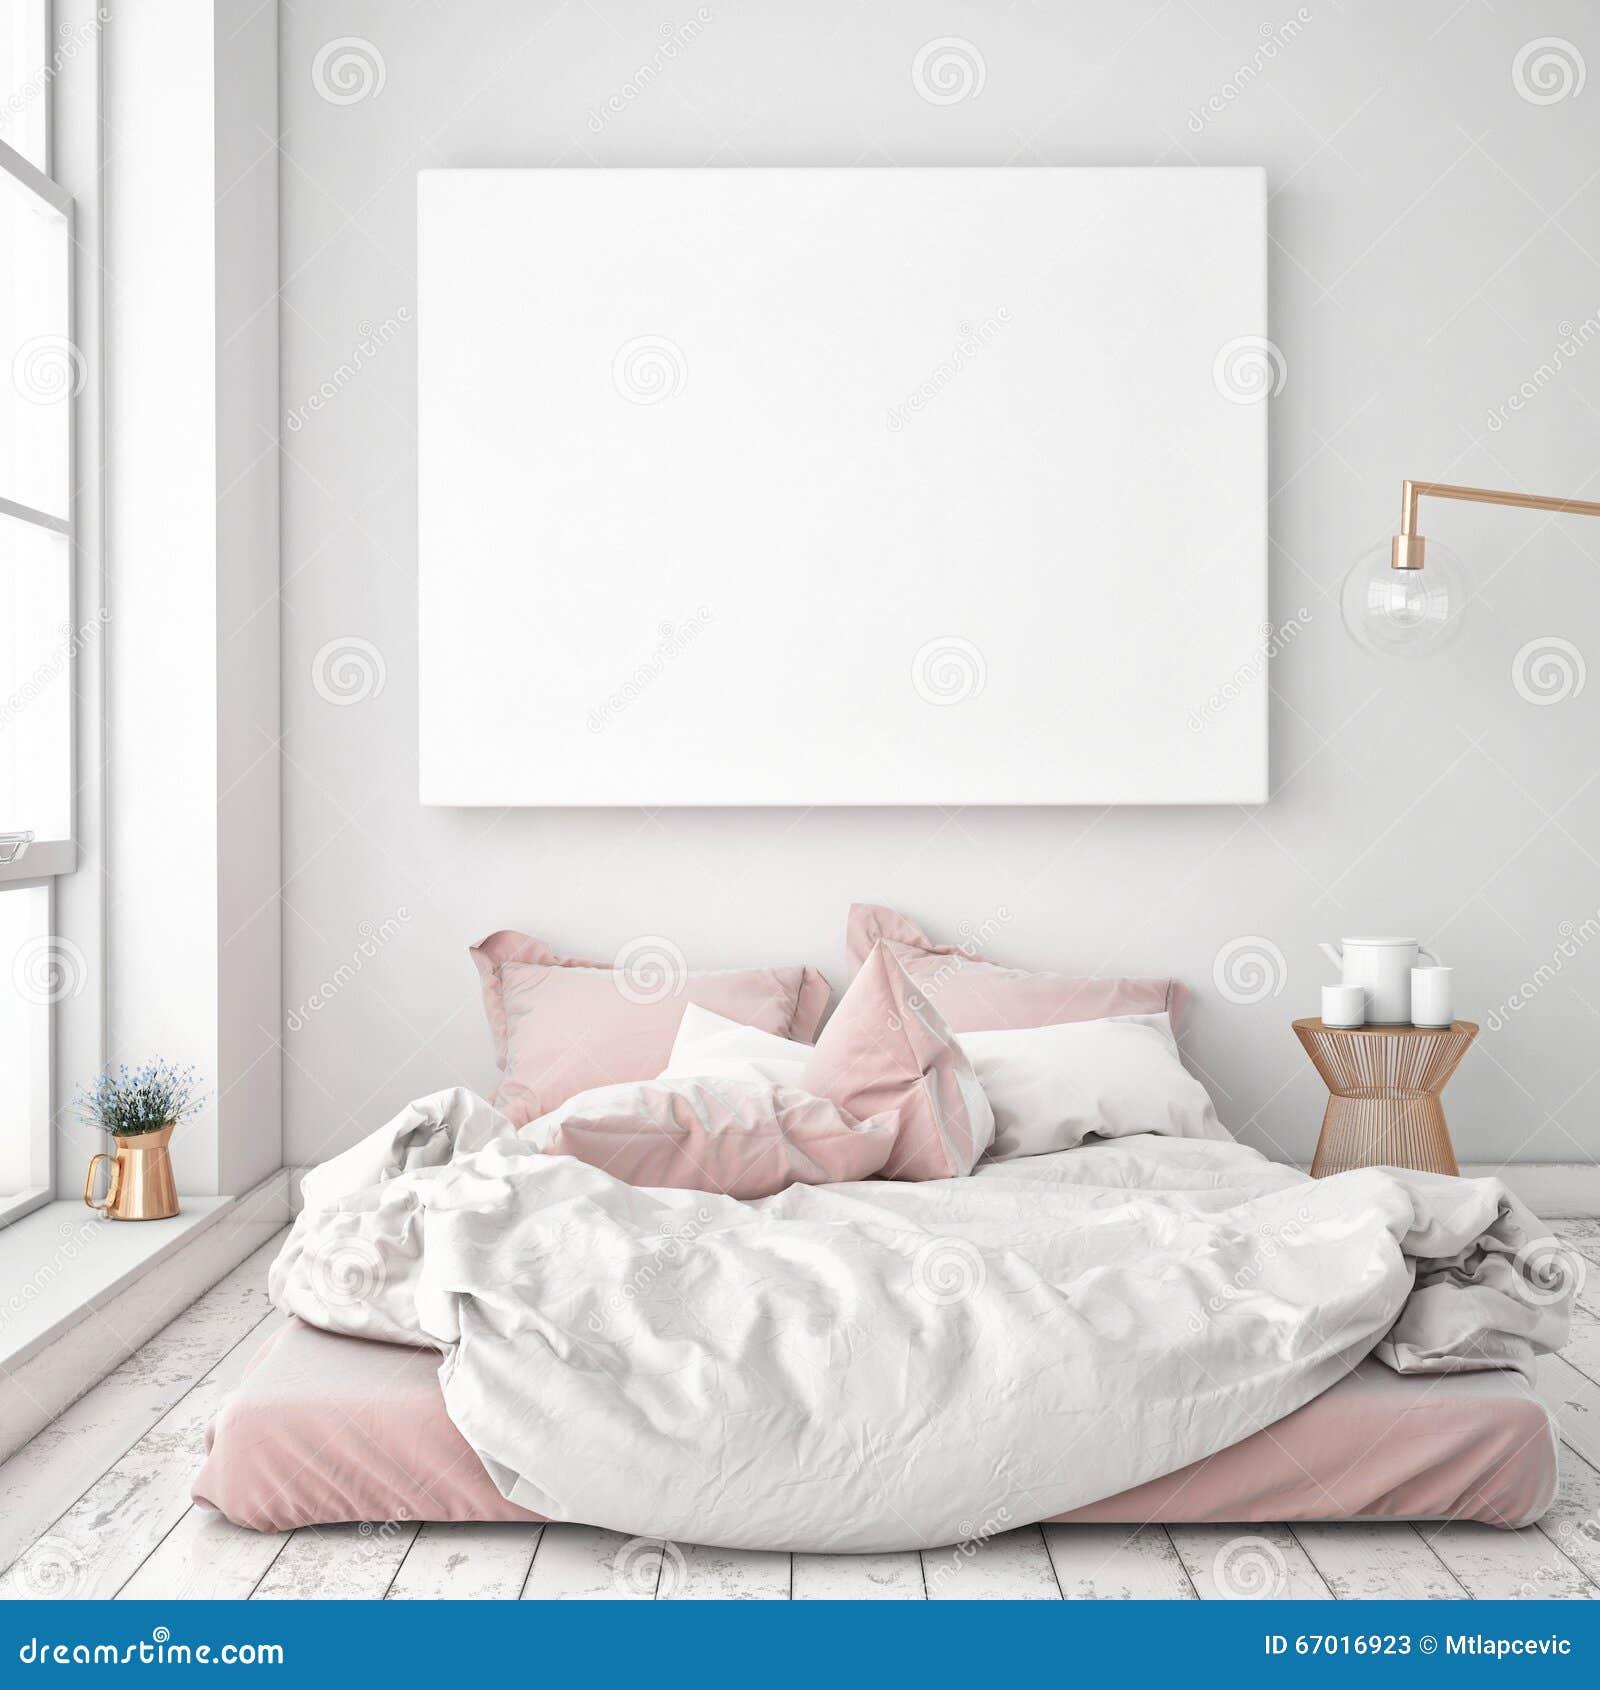 Bedroom Background Illustration